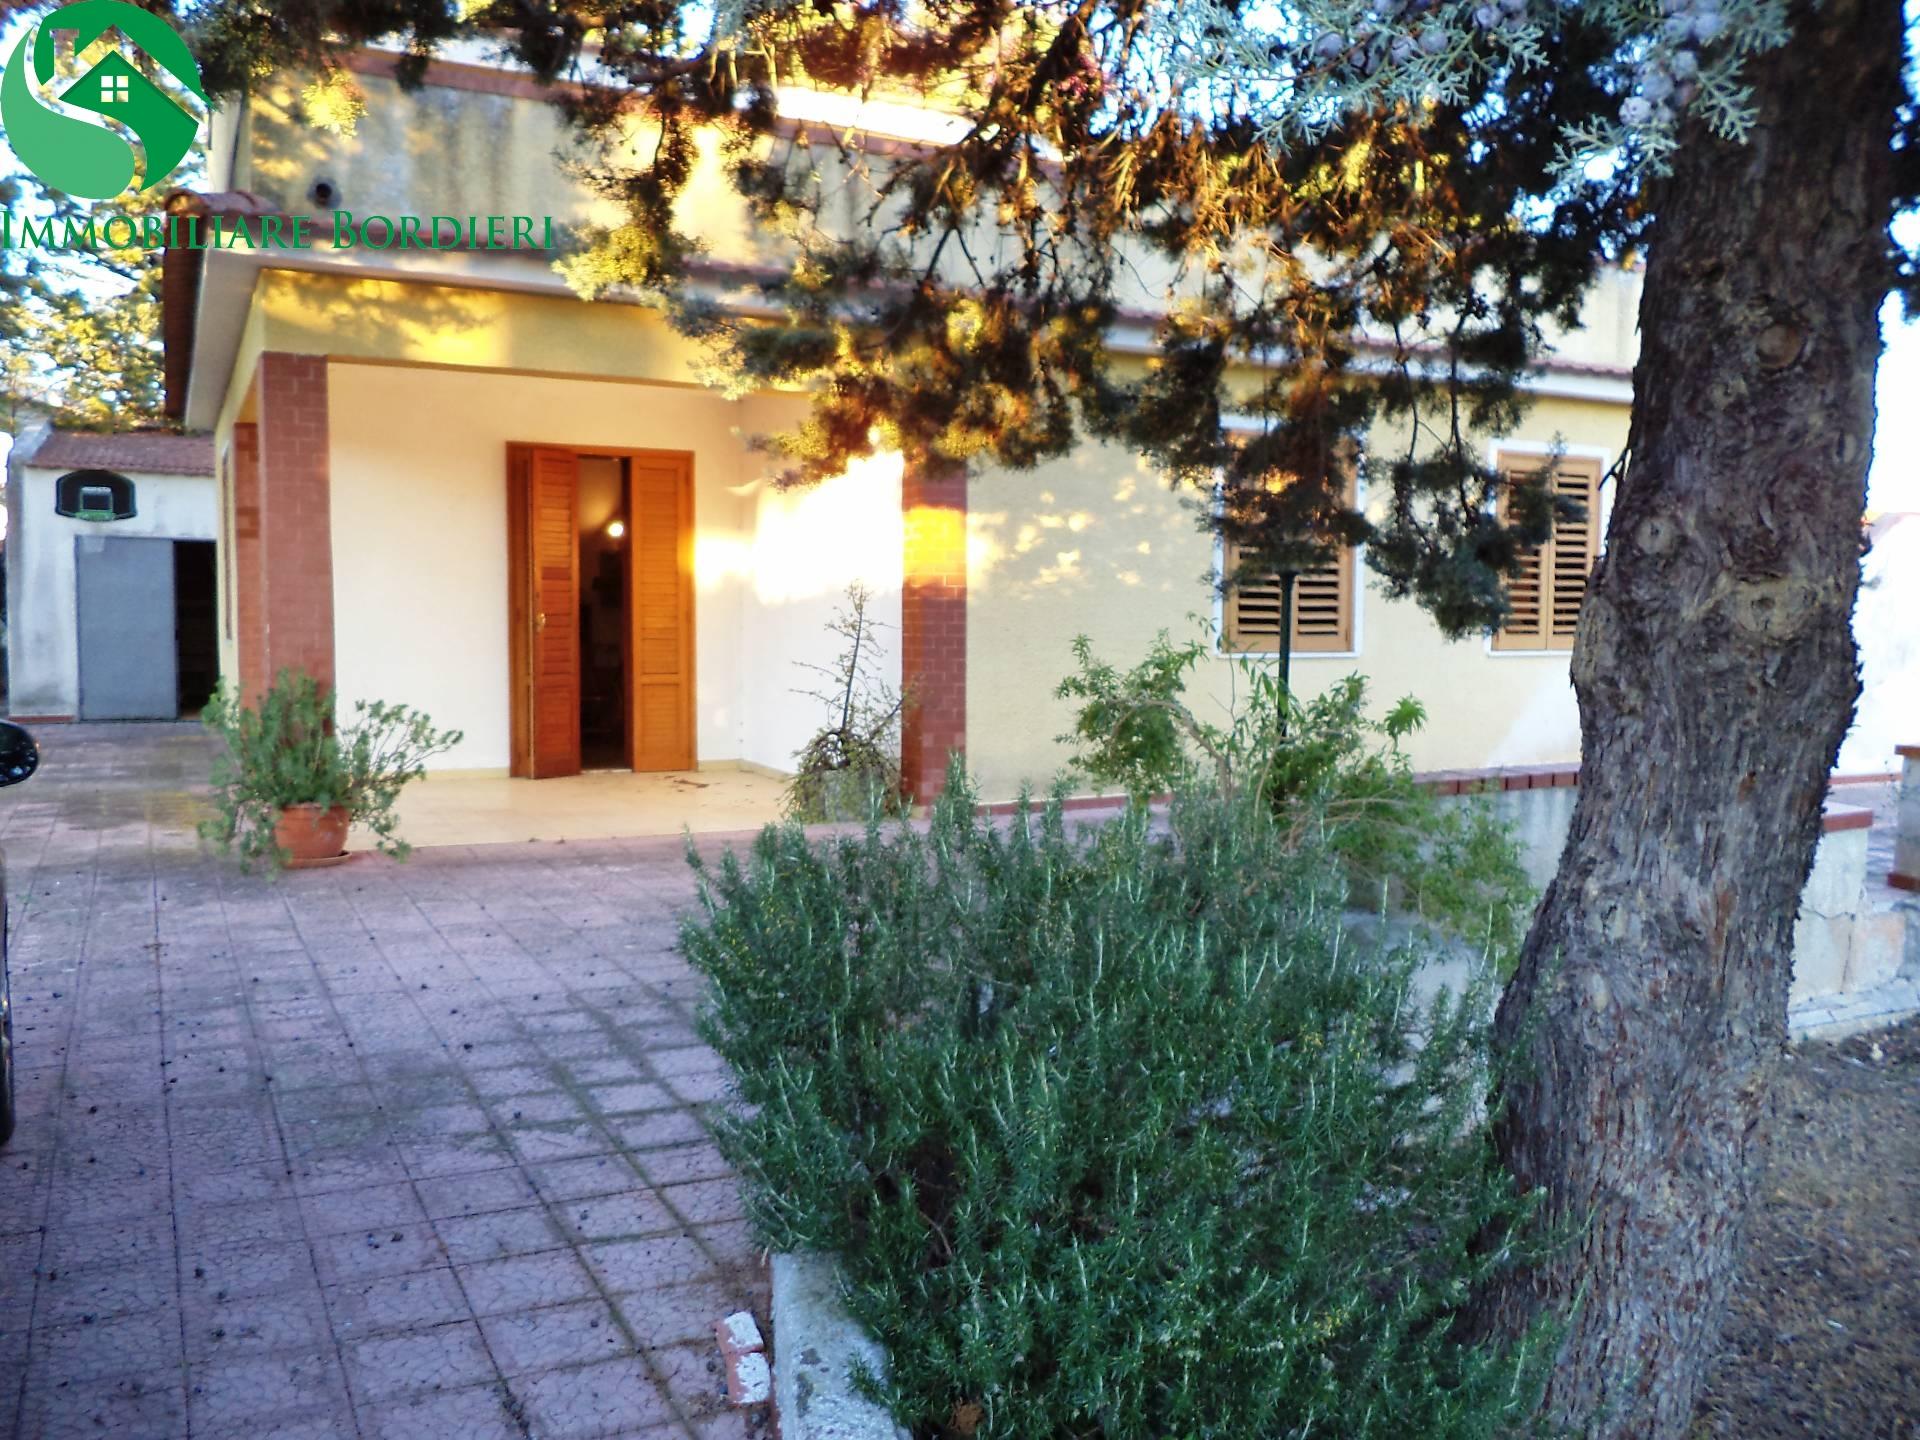 Villa in affitto a Siracusa, 5 locali, zona Località: Arenella, prezzo € 600   CambioCasa.it